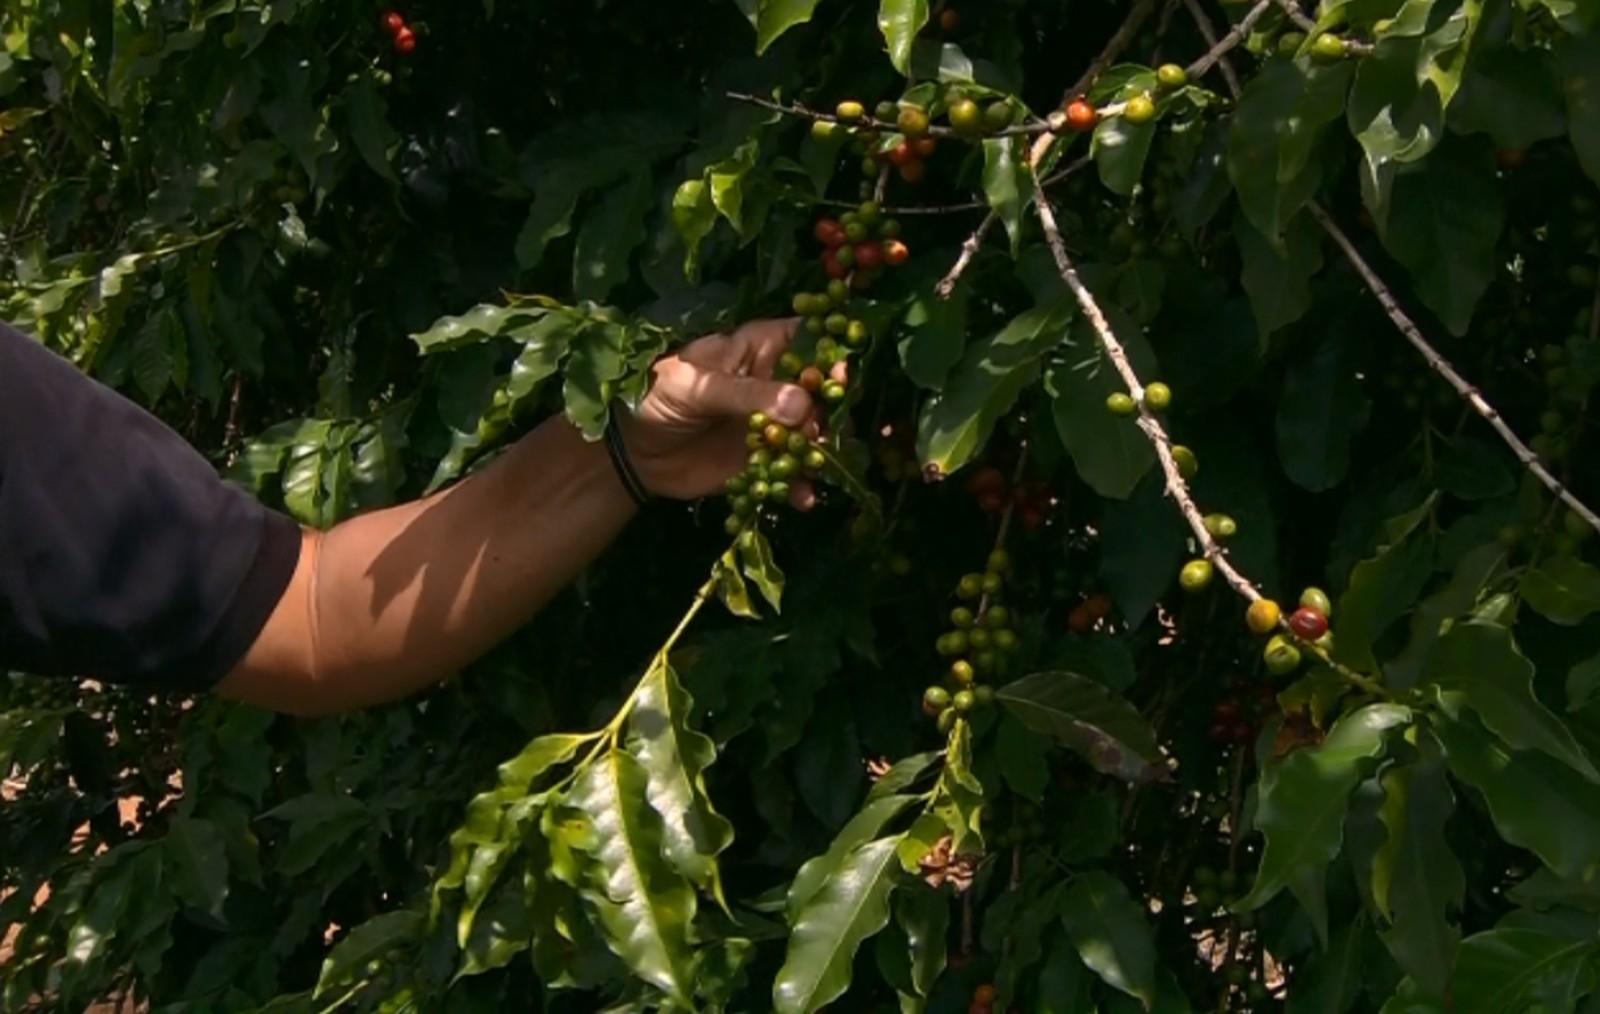 Aumento da ferrugem pode atrapalhar produção de café para próxima safra no Sul de Minas (Foto: Reprodução EPTV)